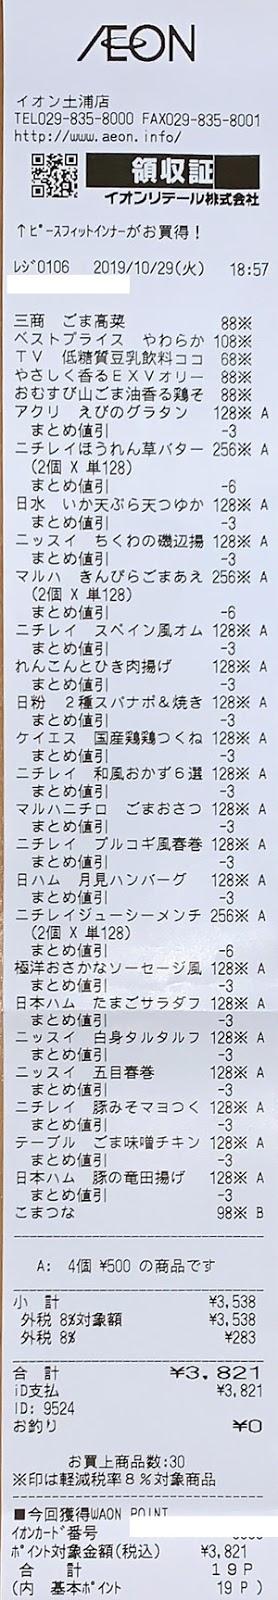 イオン 土浦店 2019/10/29 のレシート